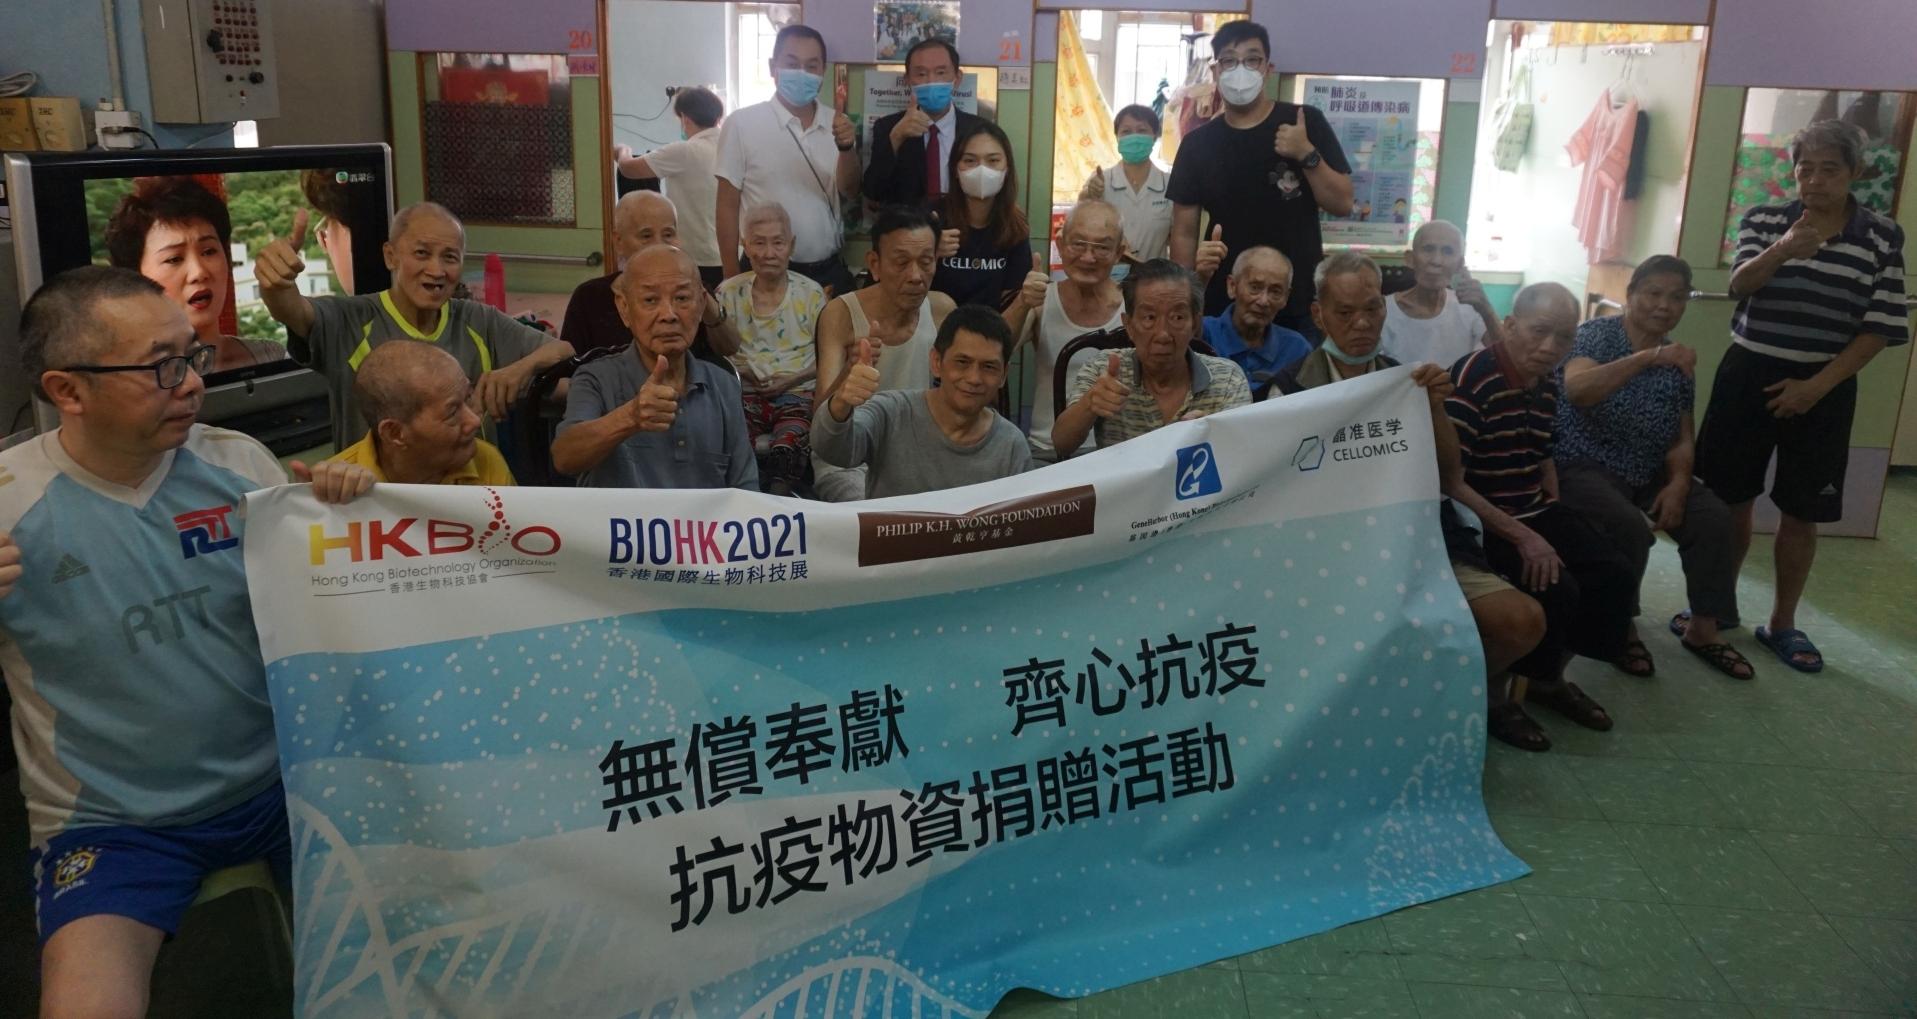 無償奉獻 齊心抗疫 香港生物科技協會全力支援弱勢社群抵抗疫病